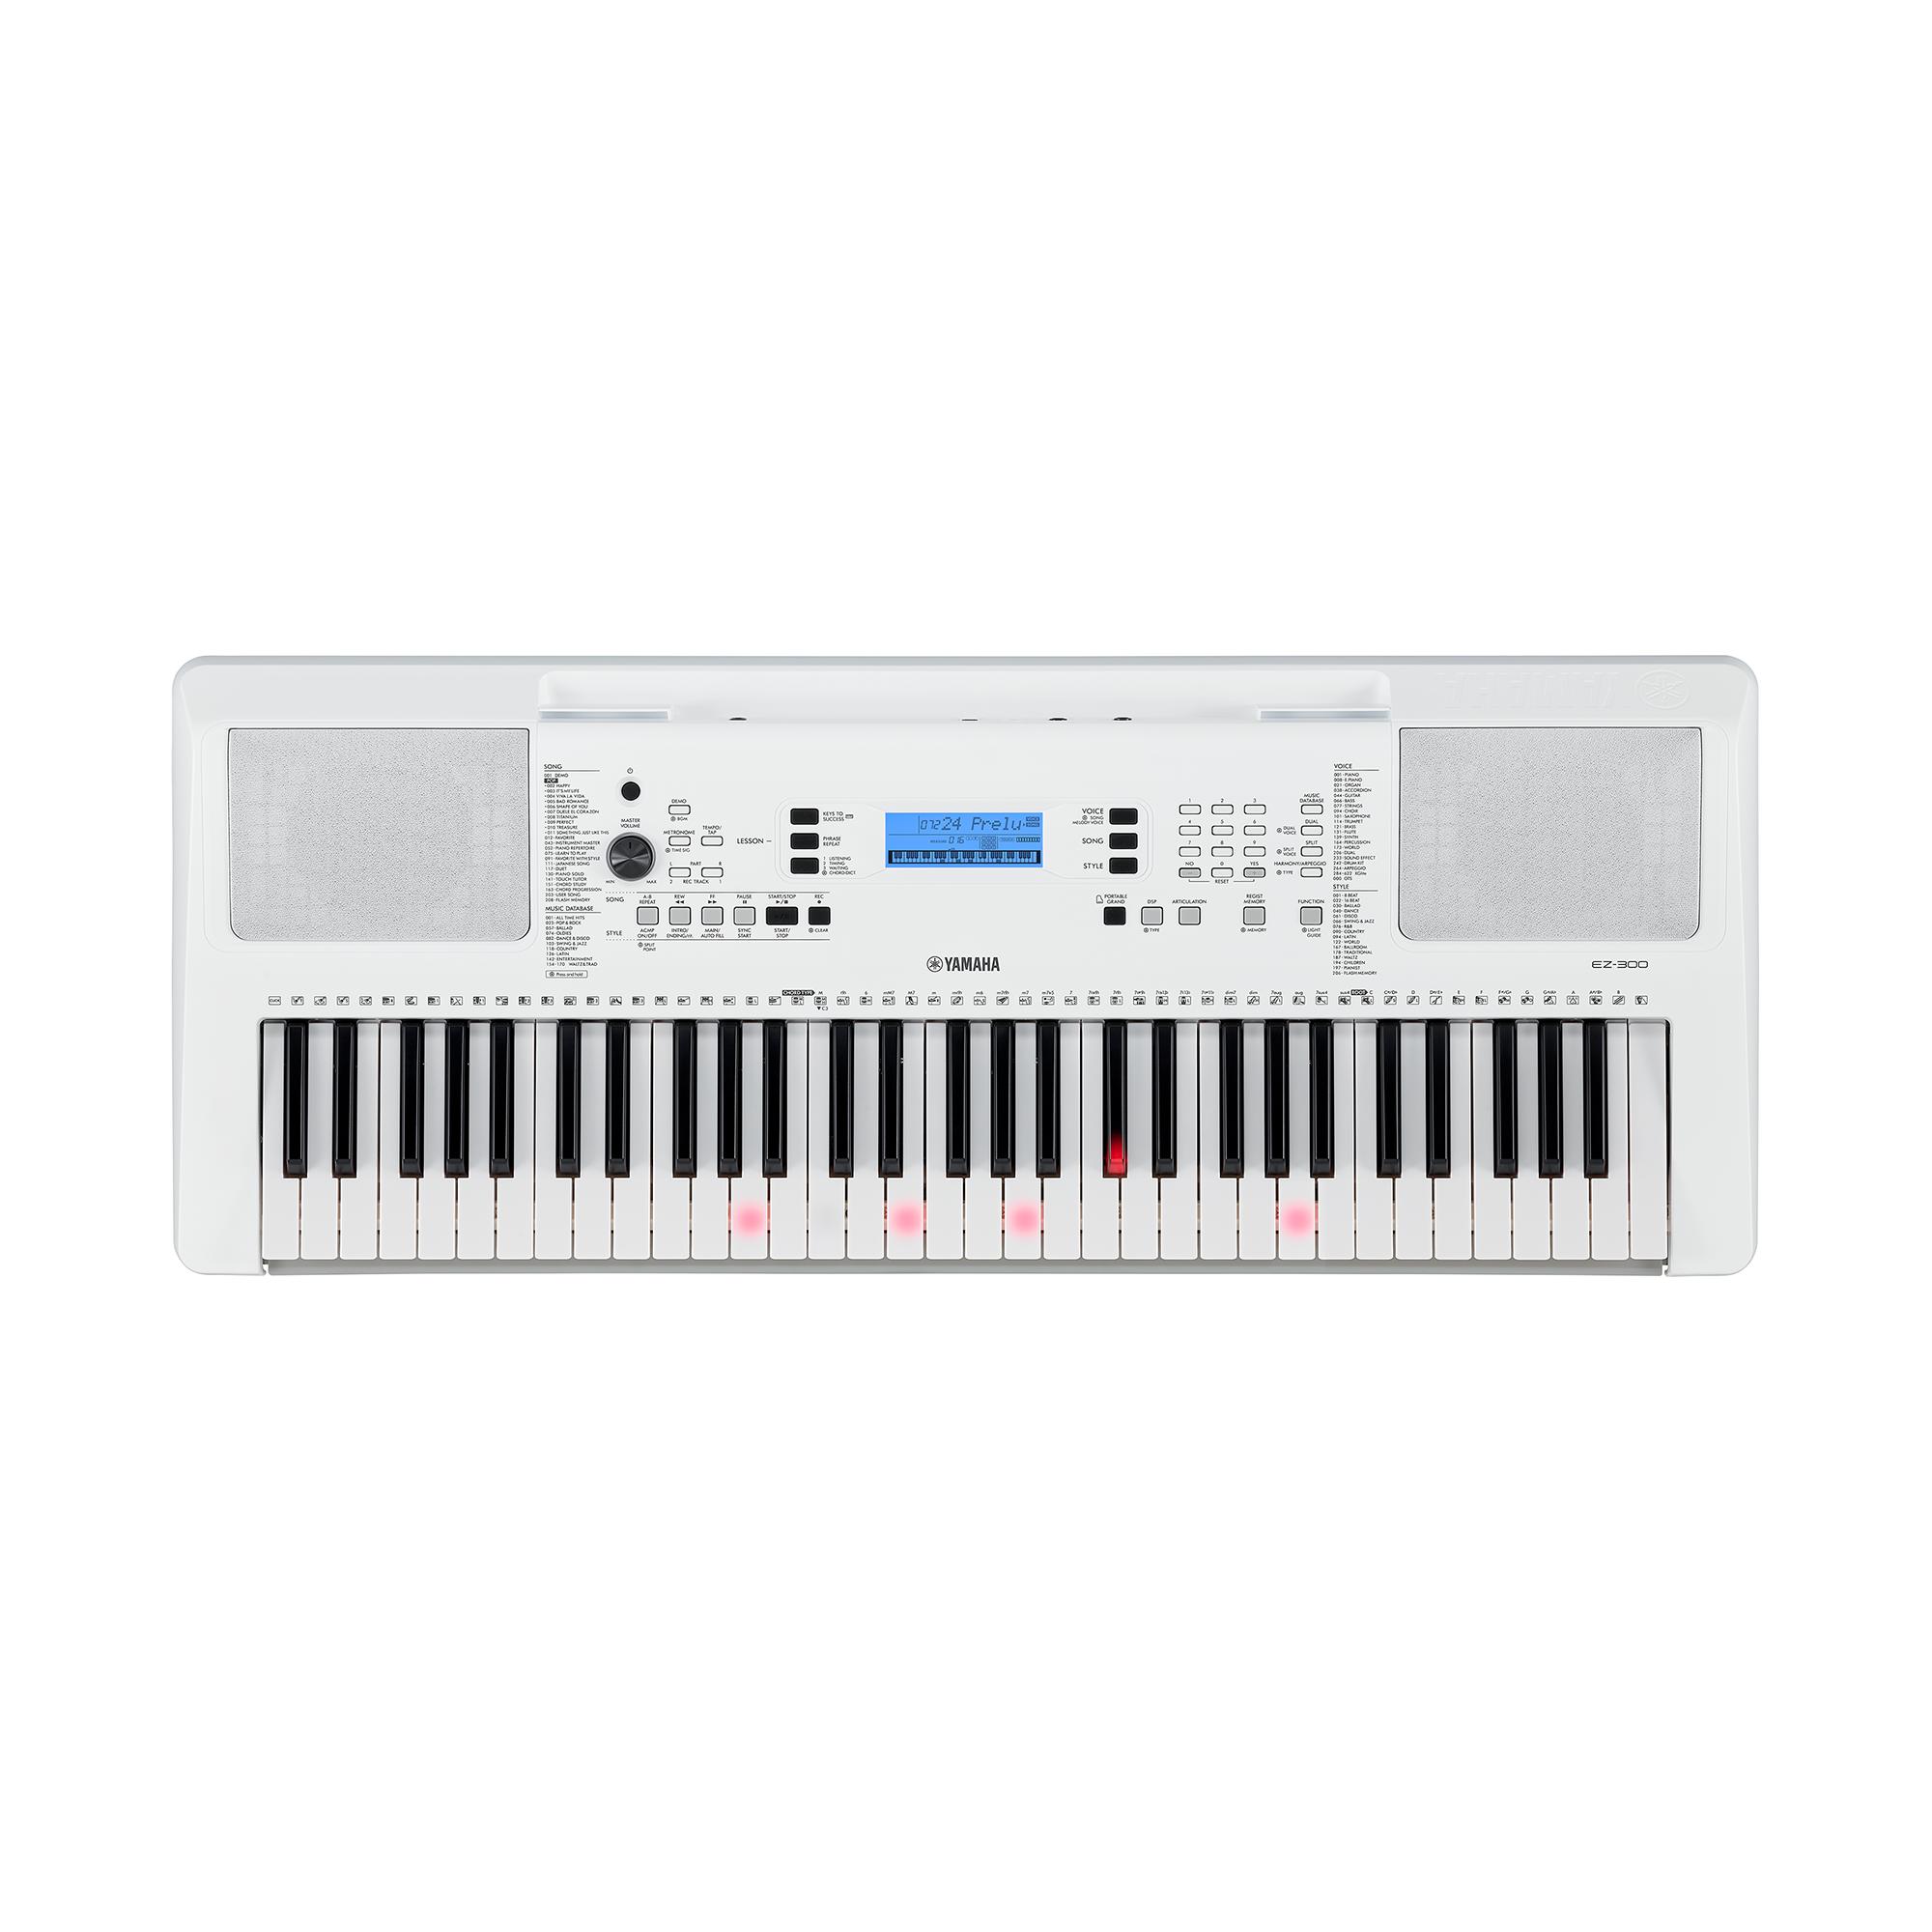 Yamaha EZ300 Keyboard mit Leuchttasten